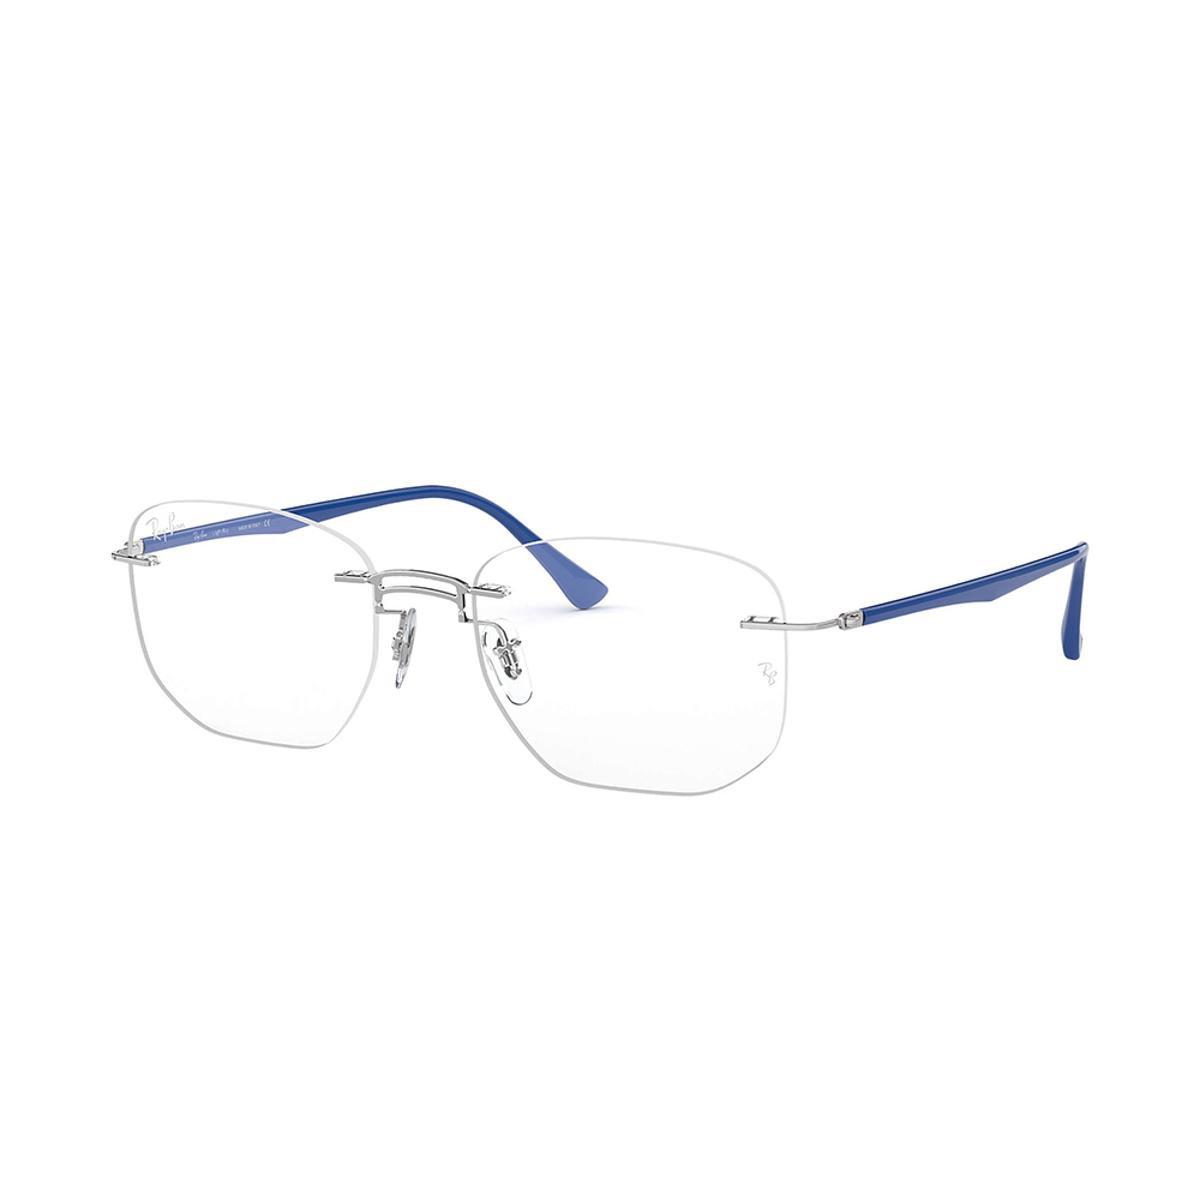 79aed9d342624 Óculos de Grau Ray-Ban RB8757 Masculino - Azul - Compre Agora